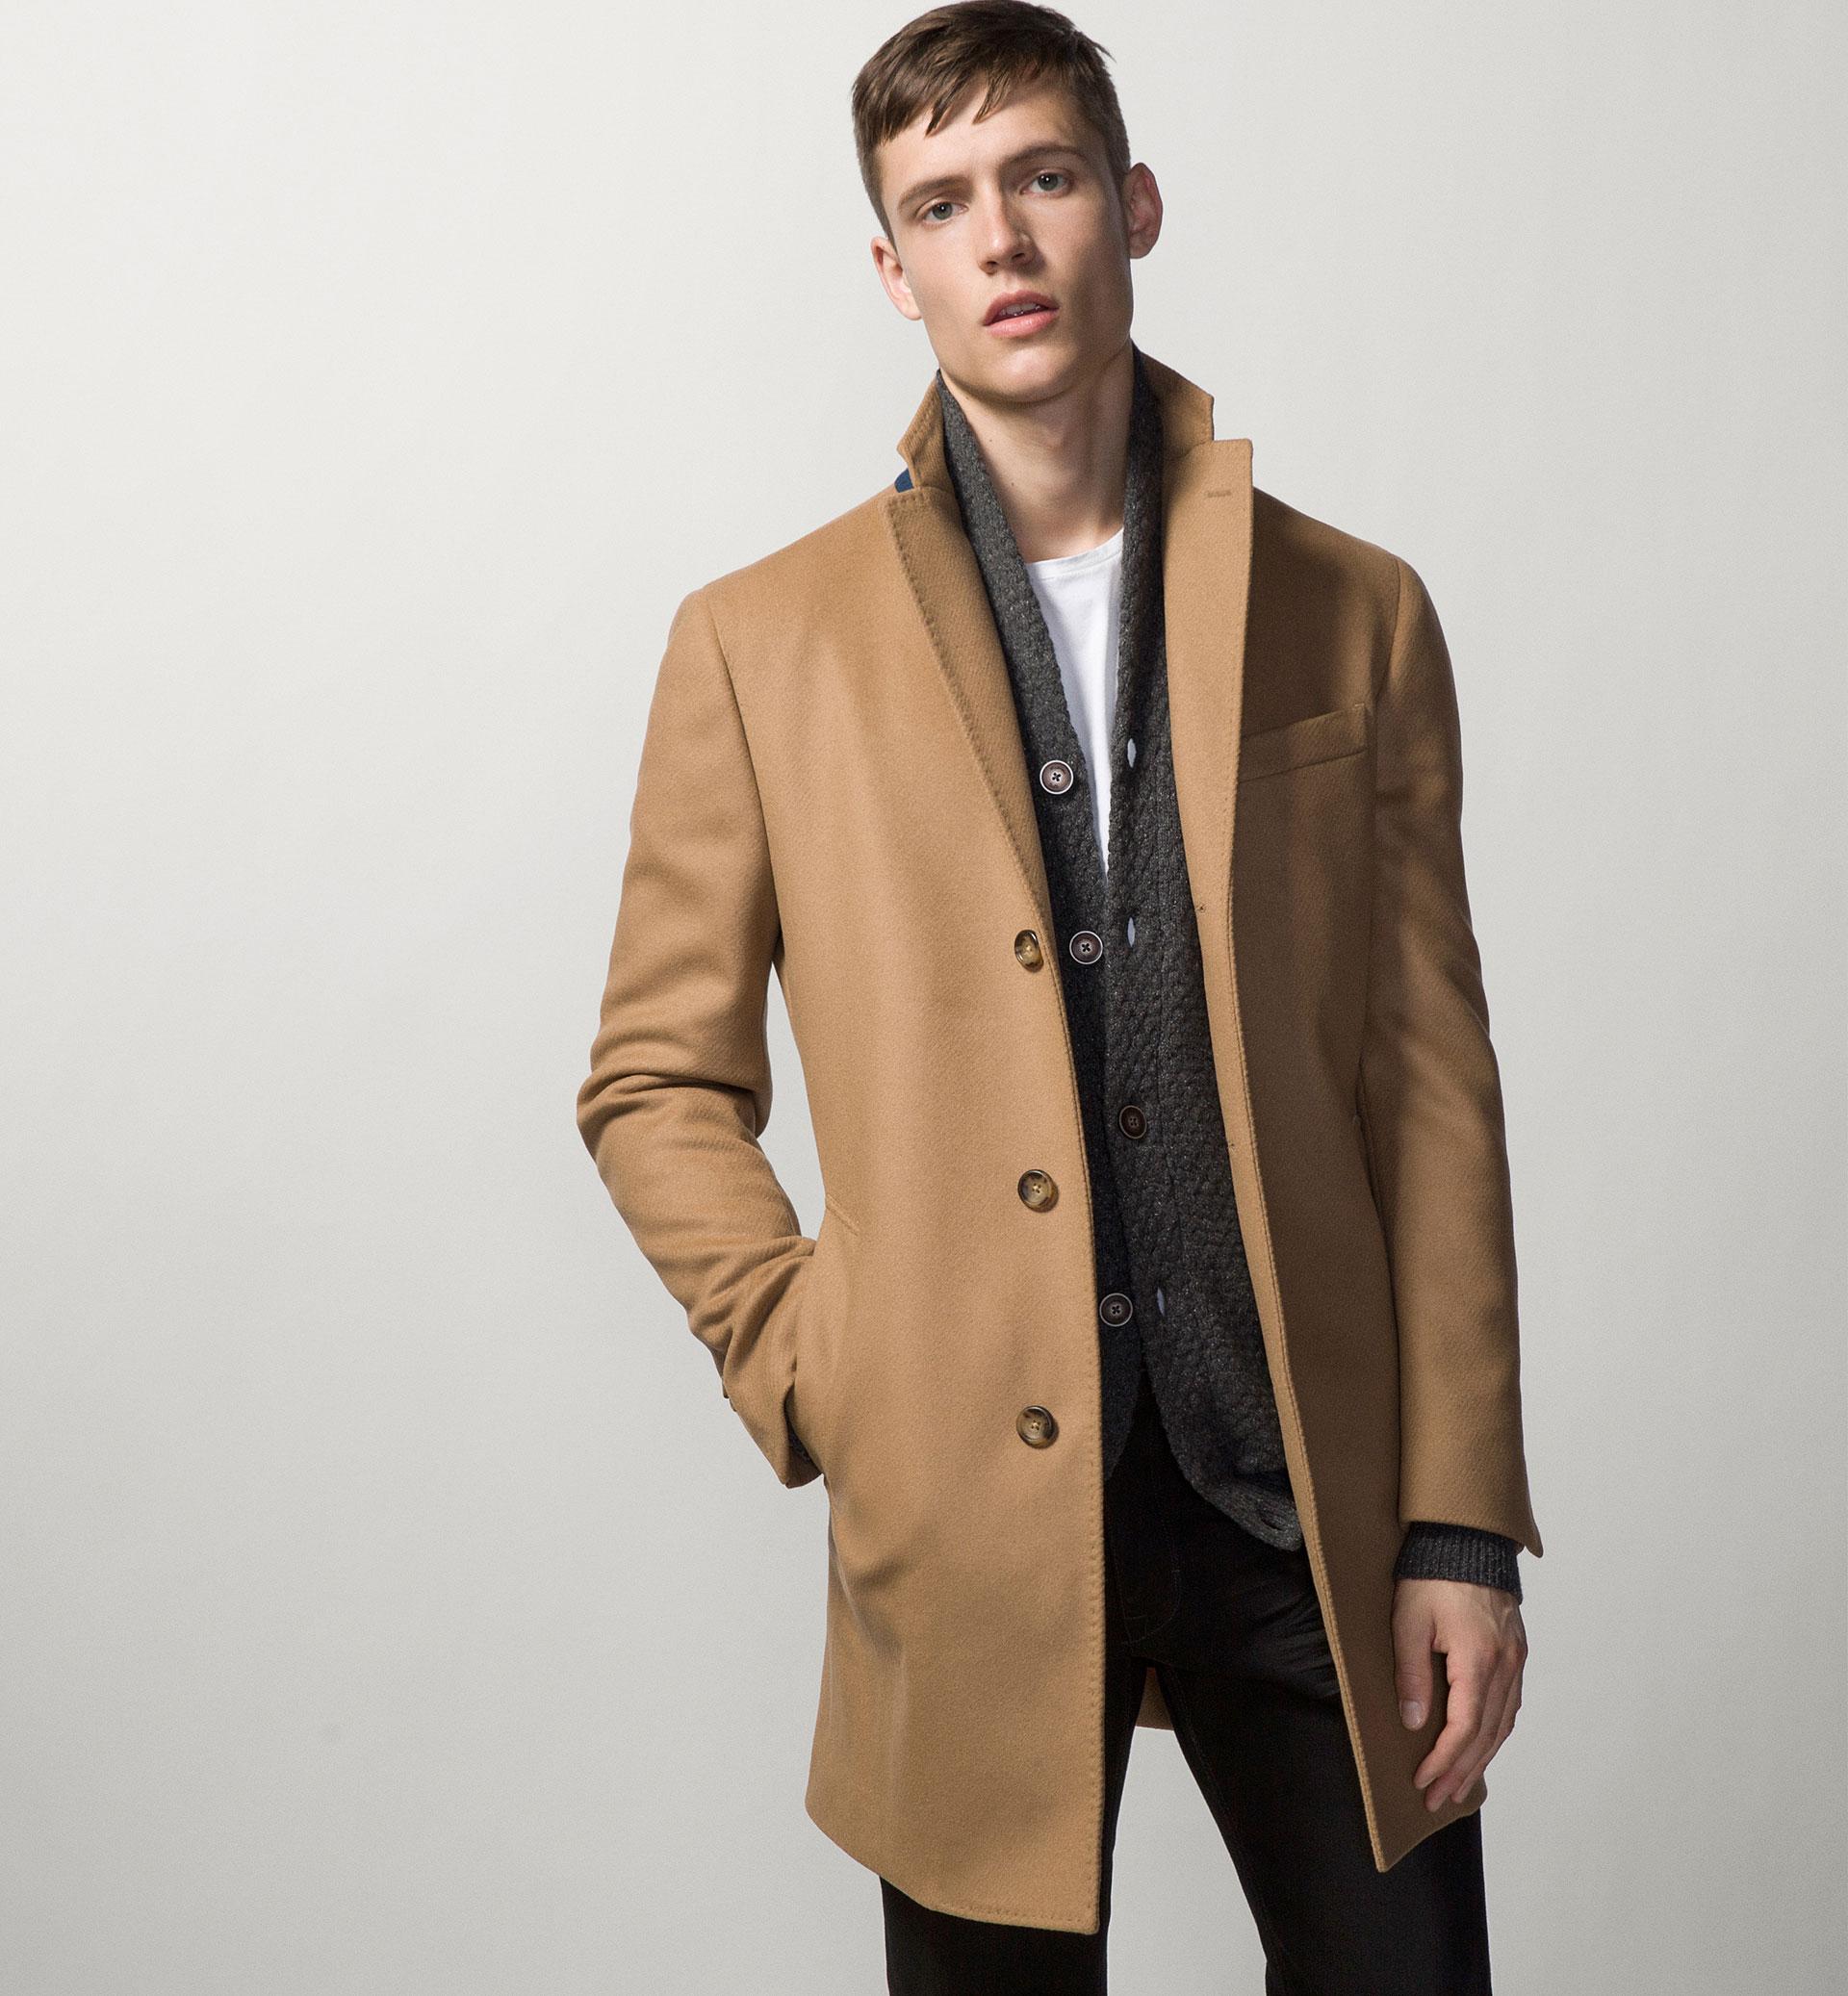 Veste Homme Fashion Camel